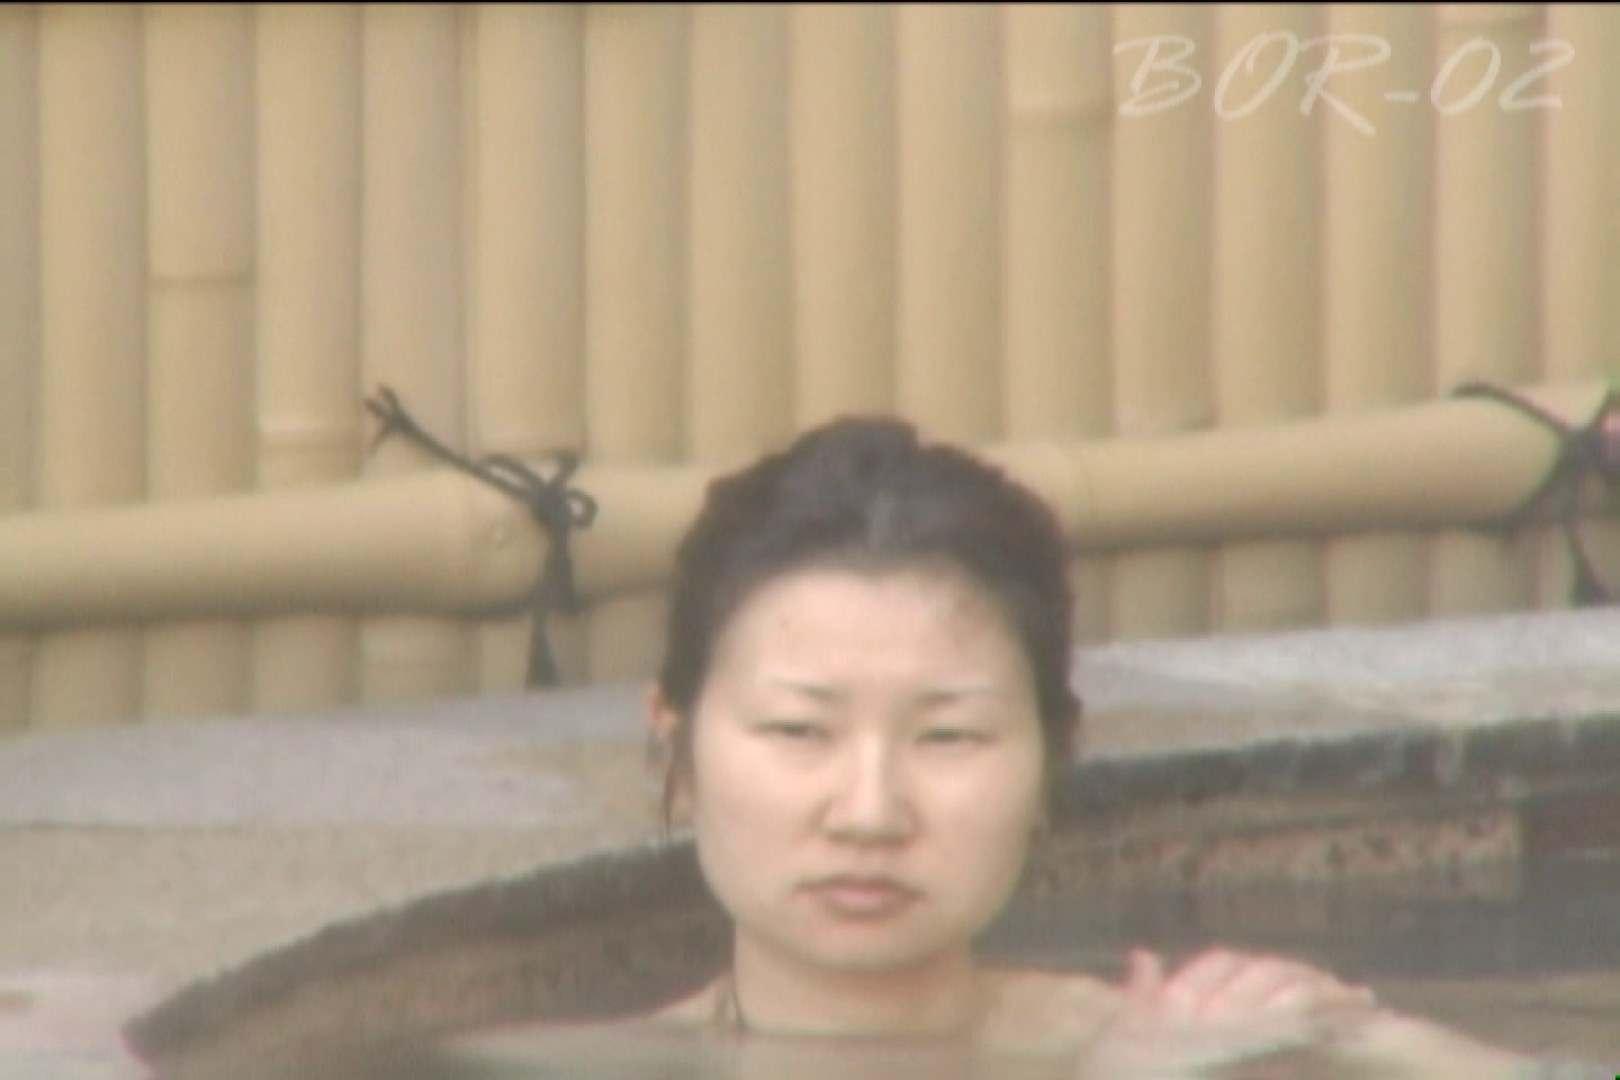 Aquaな露天風呂Vol.476 OLのエロ生活 ぱこり動画紹介 82連発 17